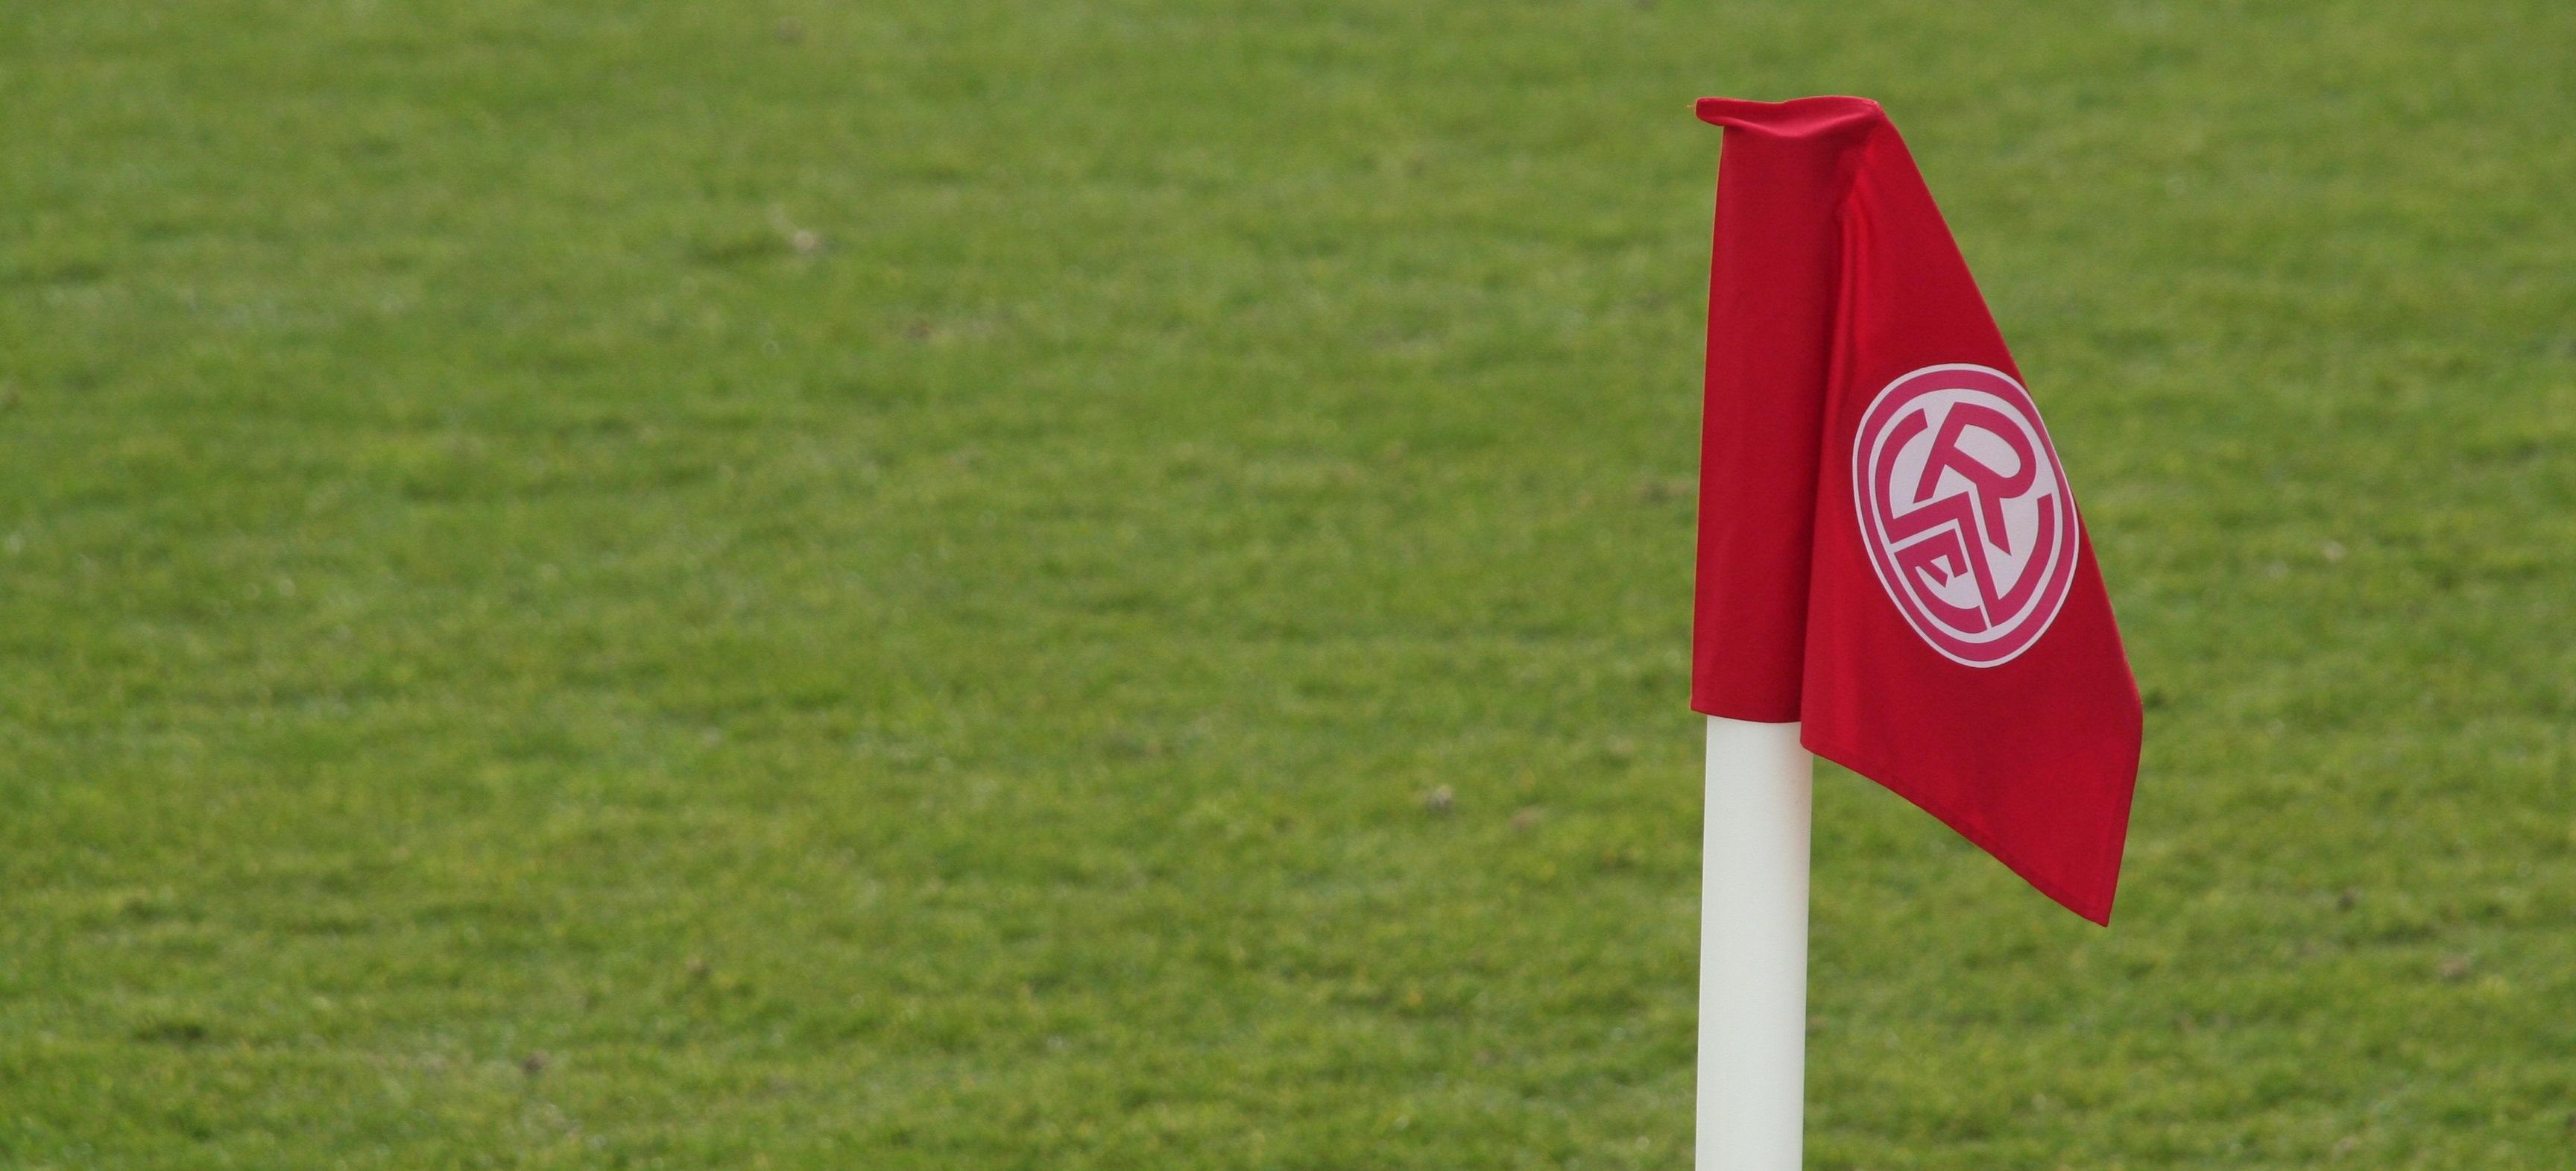 Das Spiel gegen den Wuppertaler SV kann am Mittwoch nicht stattfinden.